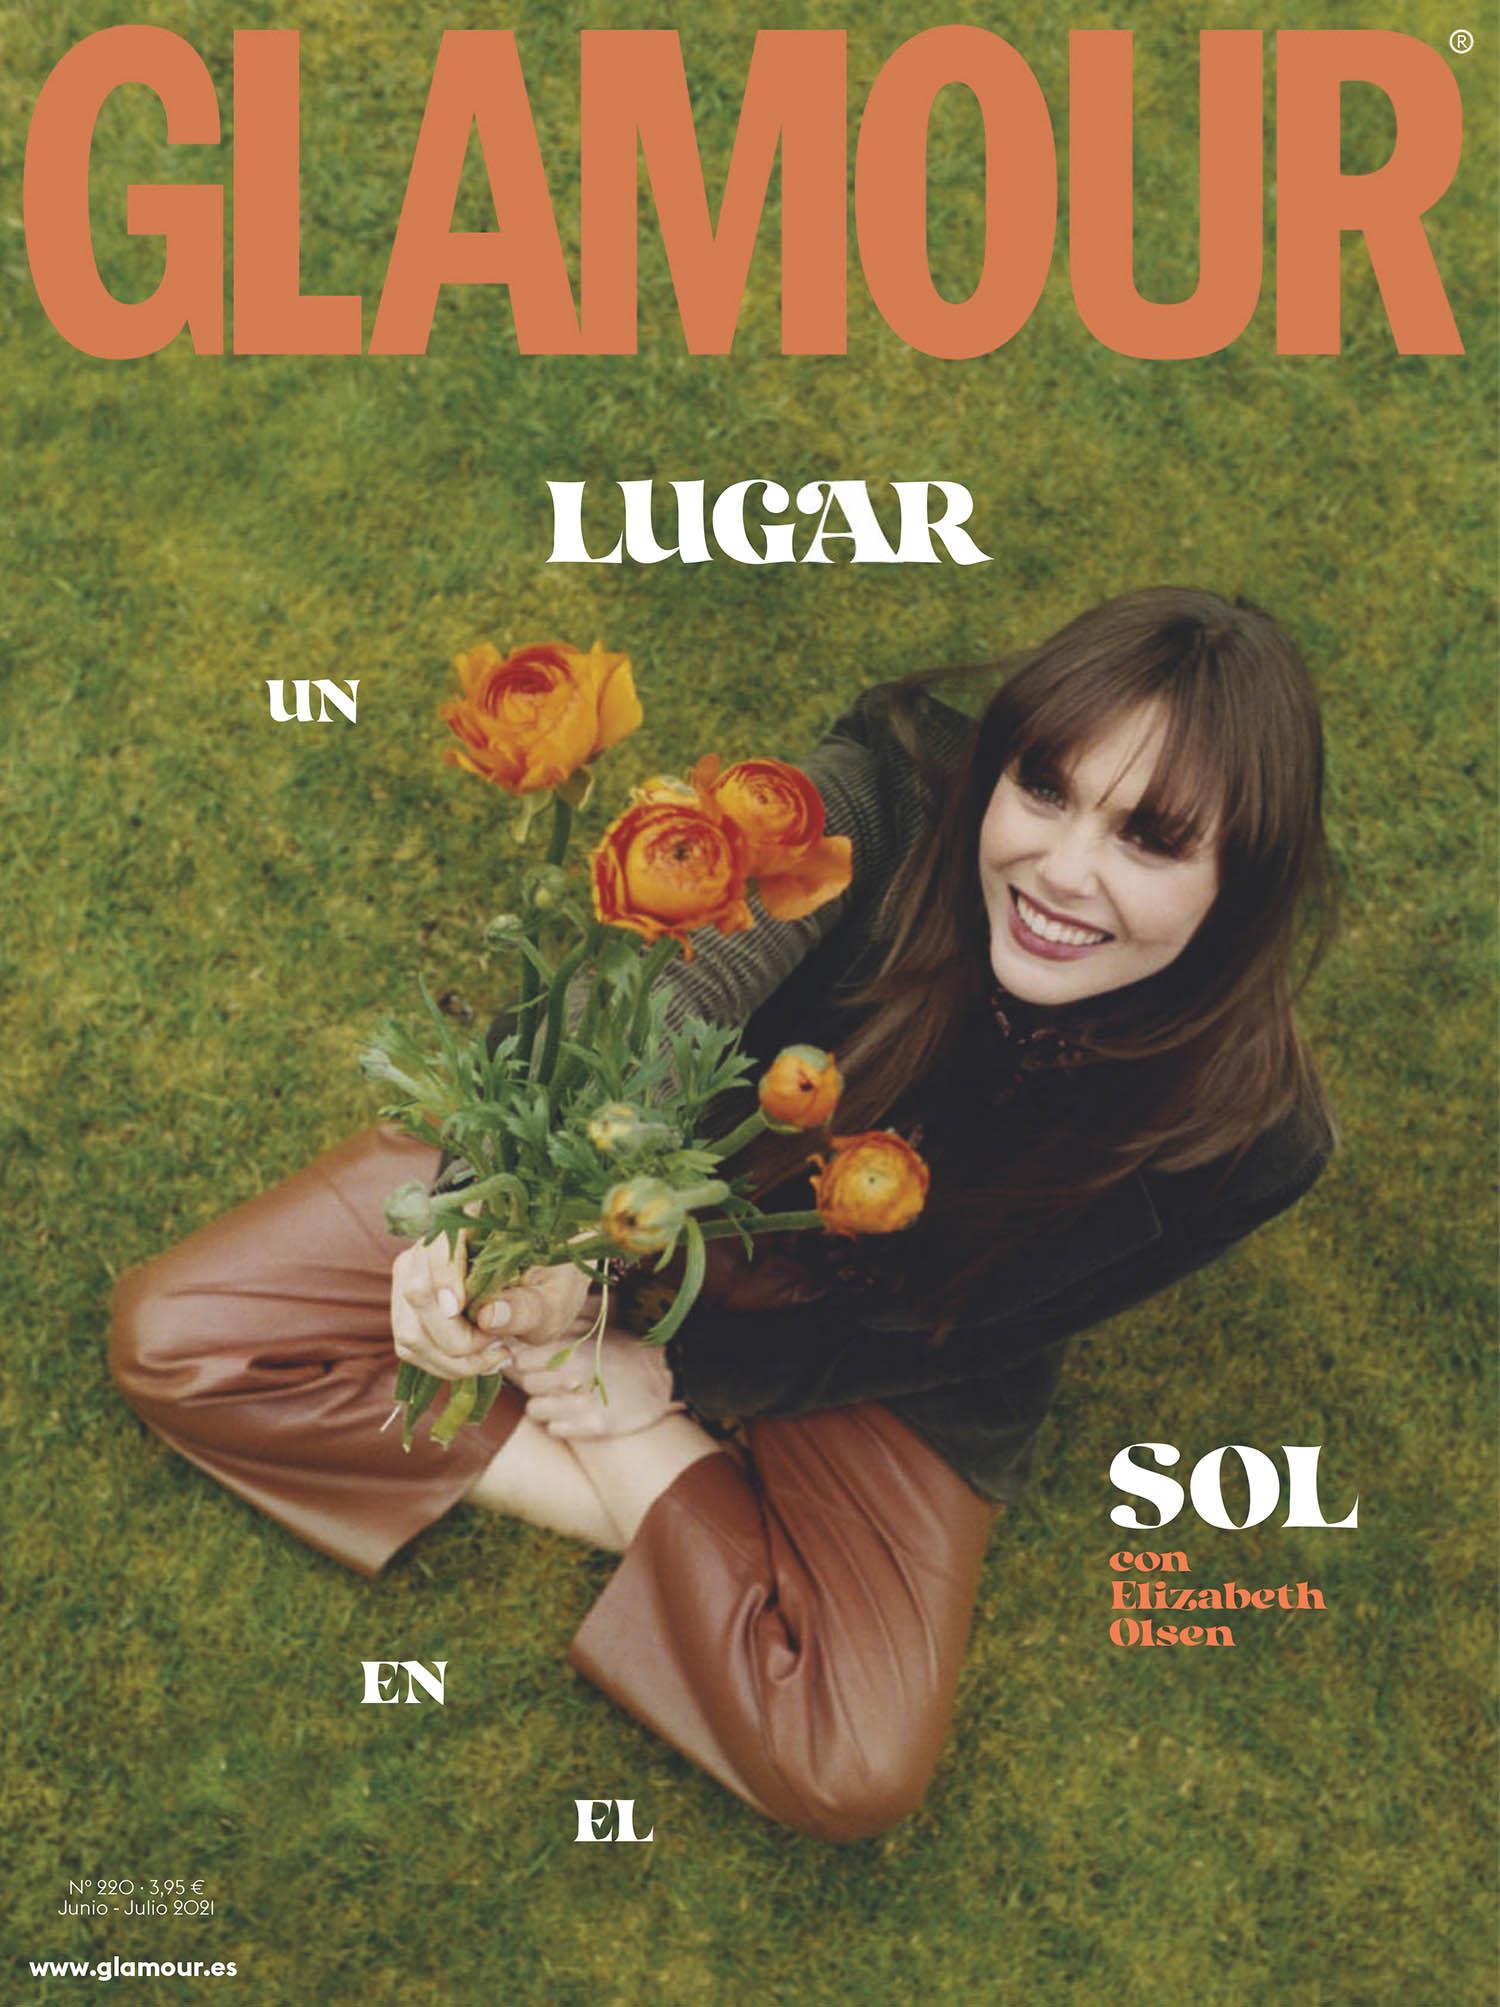 Elizabeth Olsen covers Glamour Spain June July 2021 by Maya Skelton